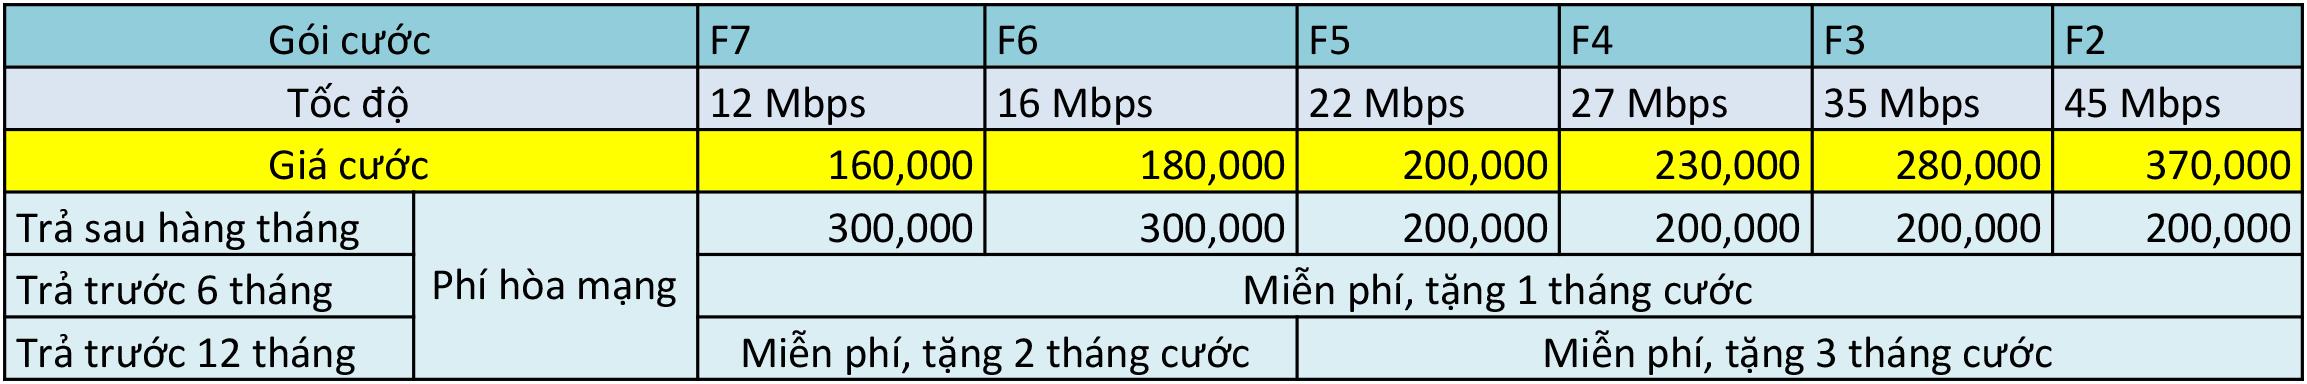 Bảng giá cước Internet FPT Thái Bình